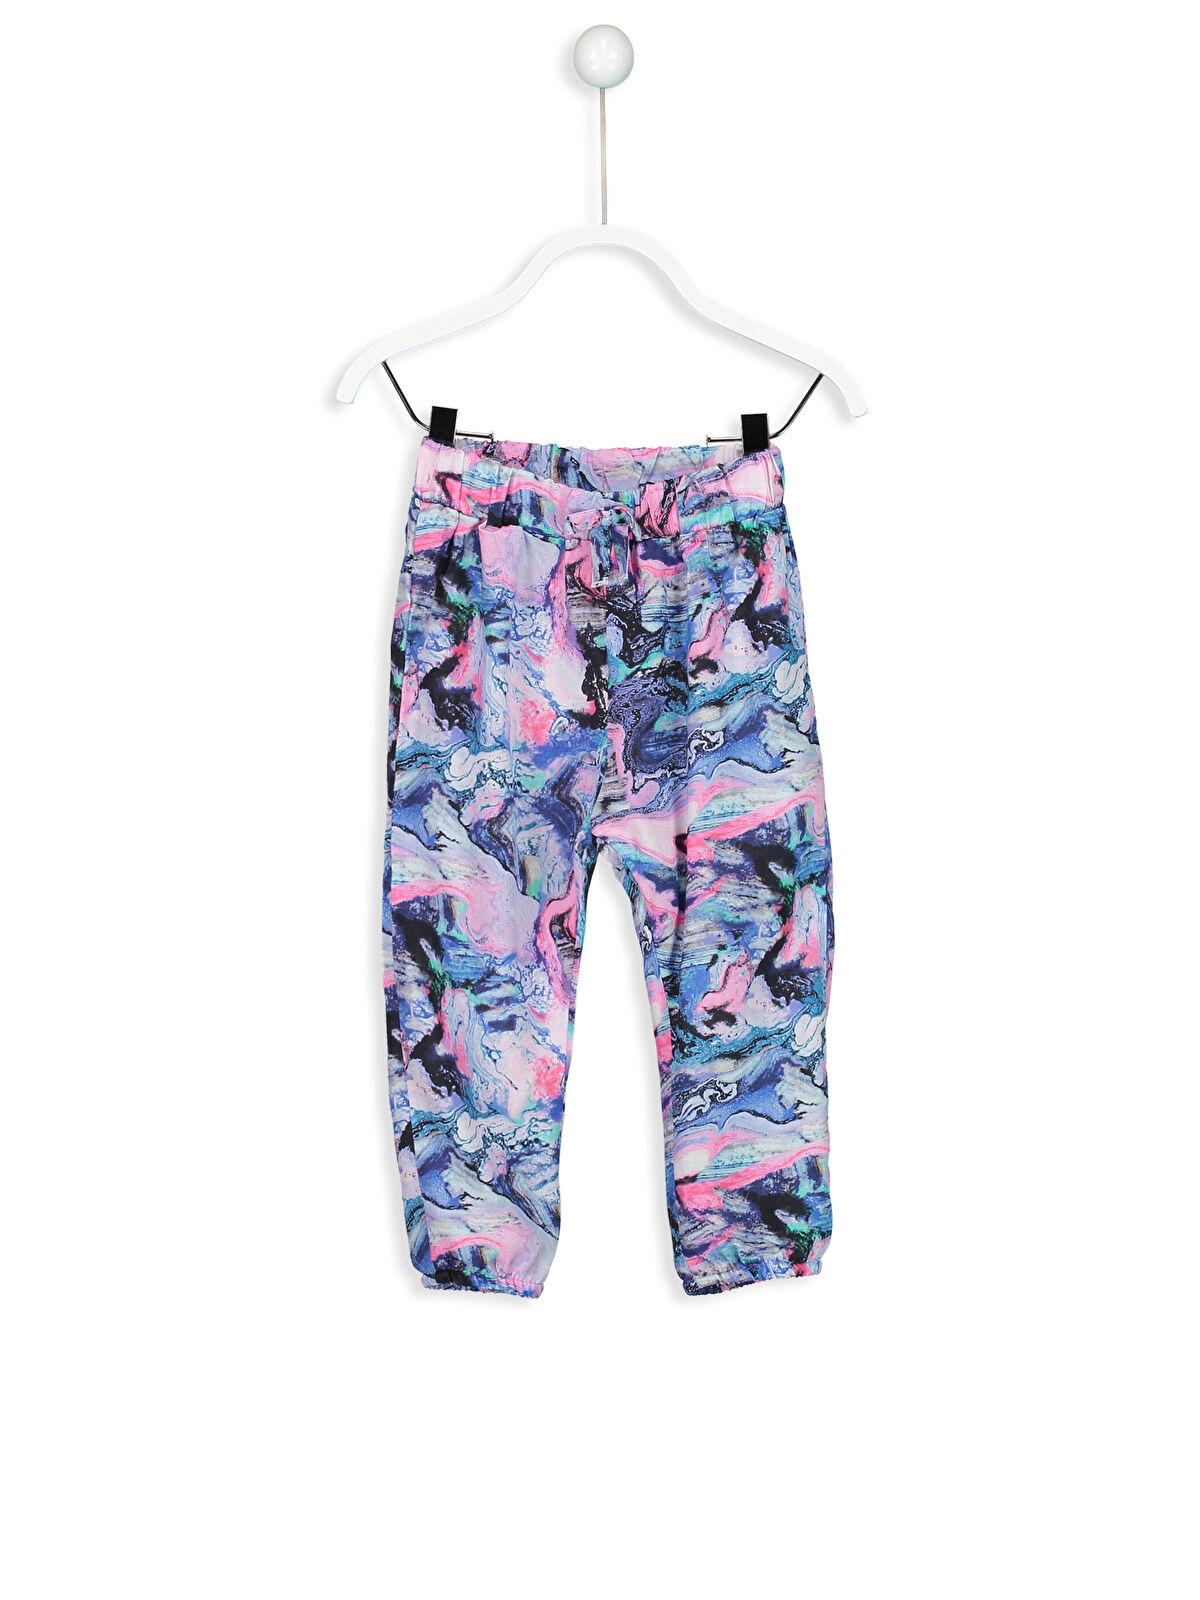 Kız Bebek Viskon Harem Pantolon - LC WAIKIKI